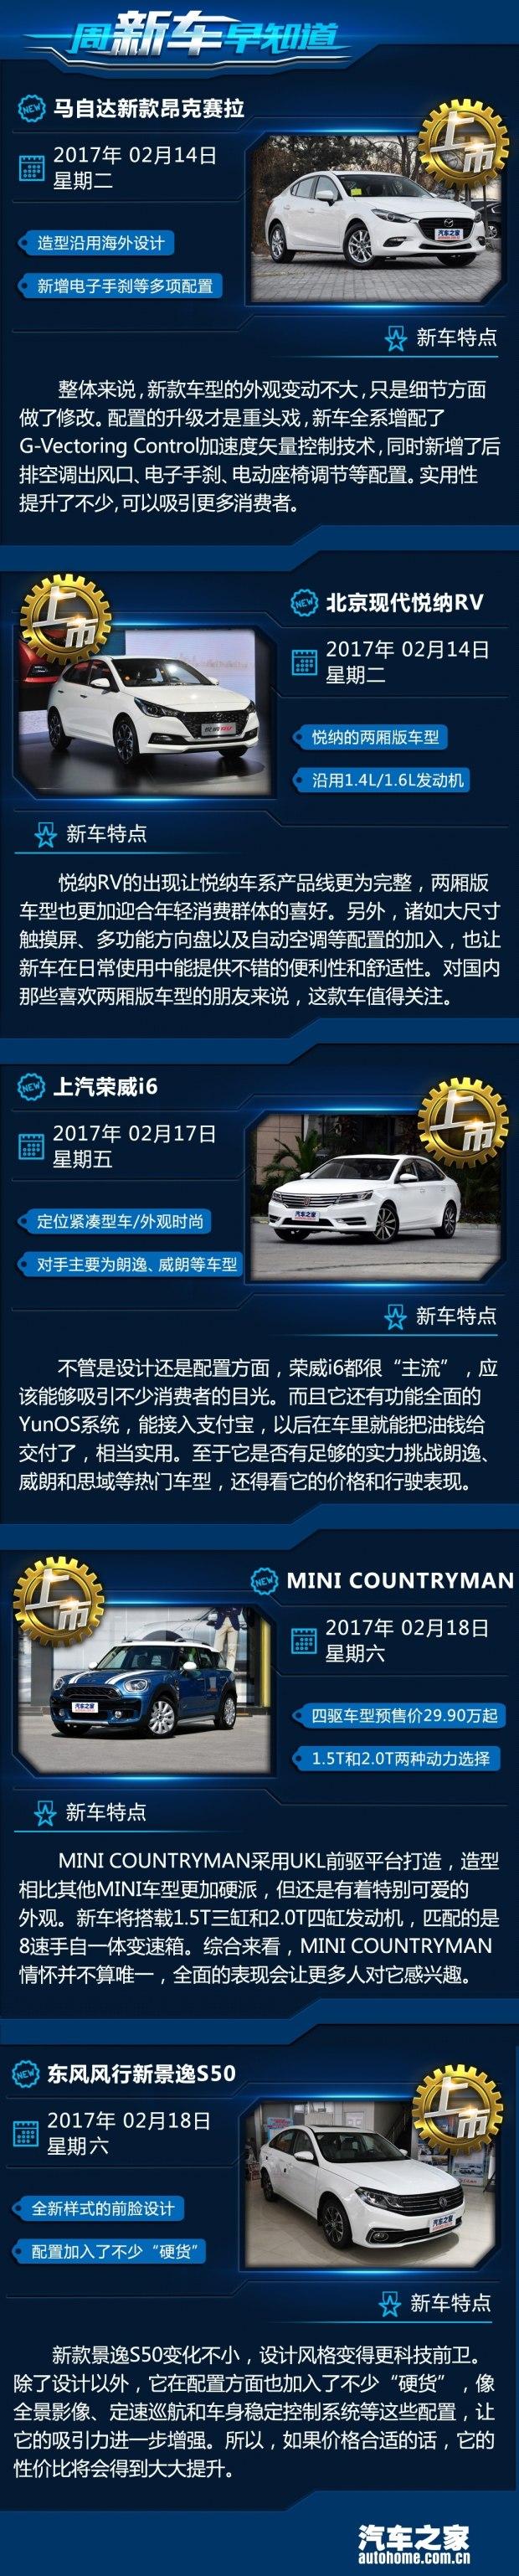 荣威i6/新款昂克赛拉等 一周新车早知道